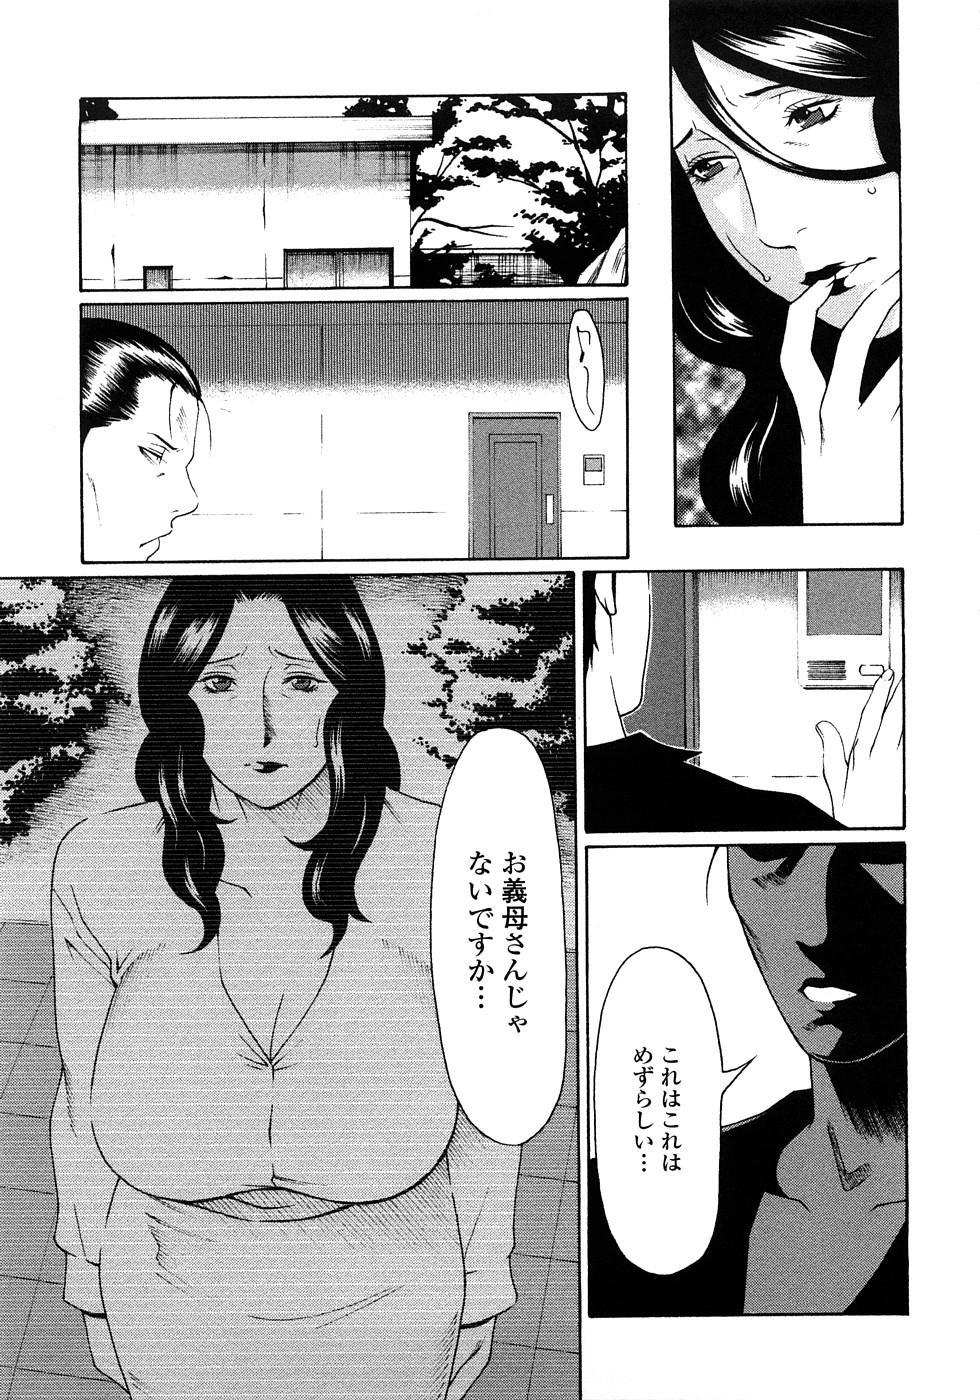 Etsuraku no Tobira - The Door of Sexual Pleasure 205